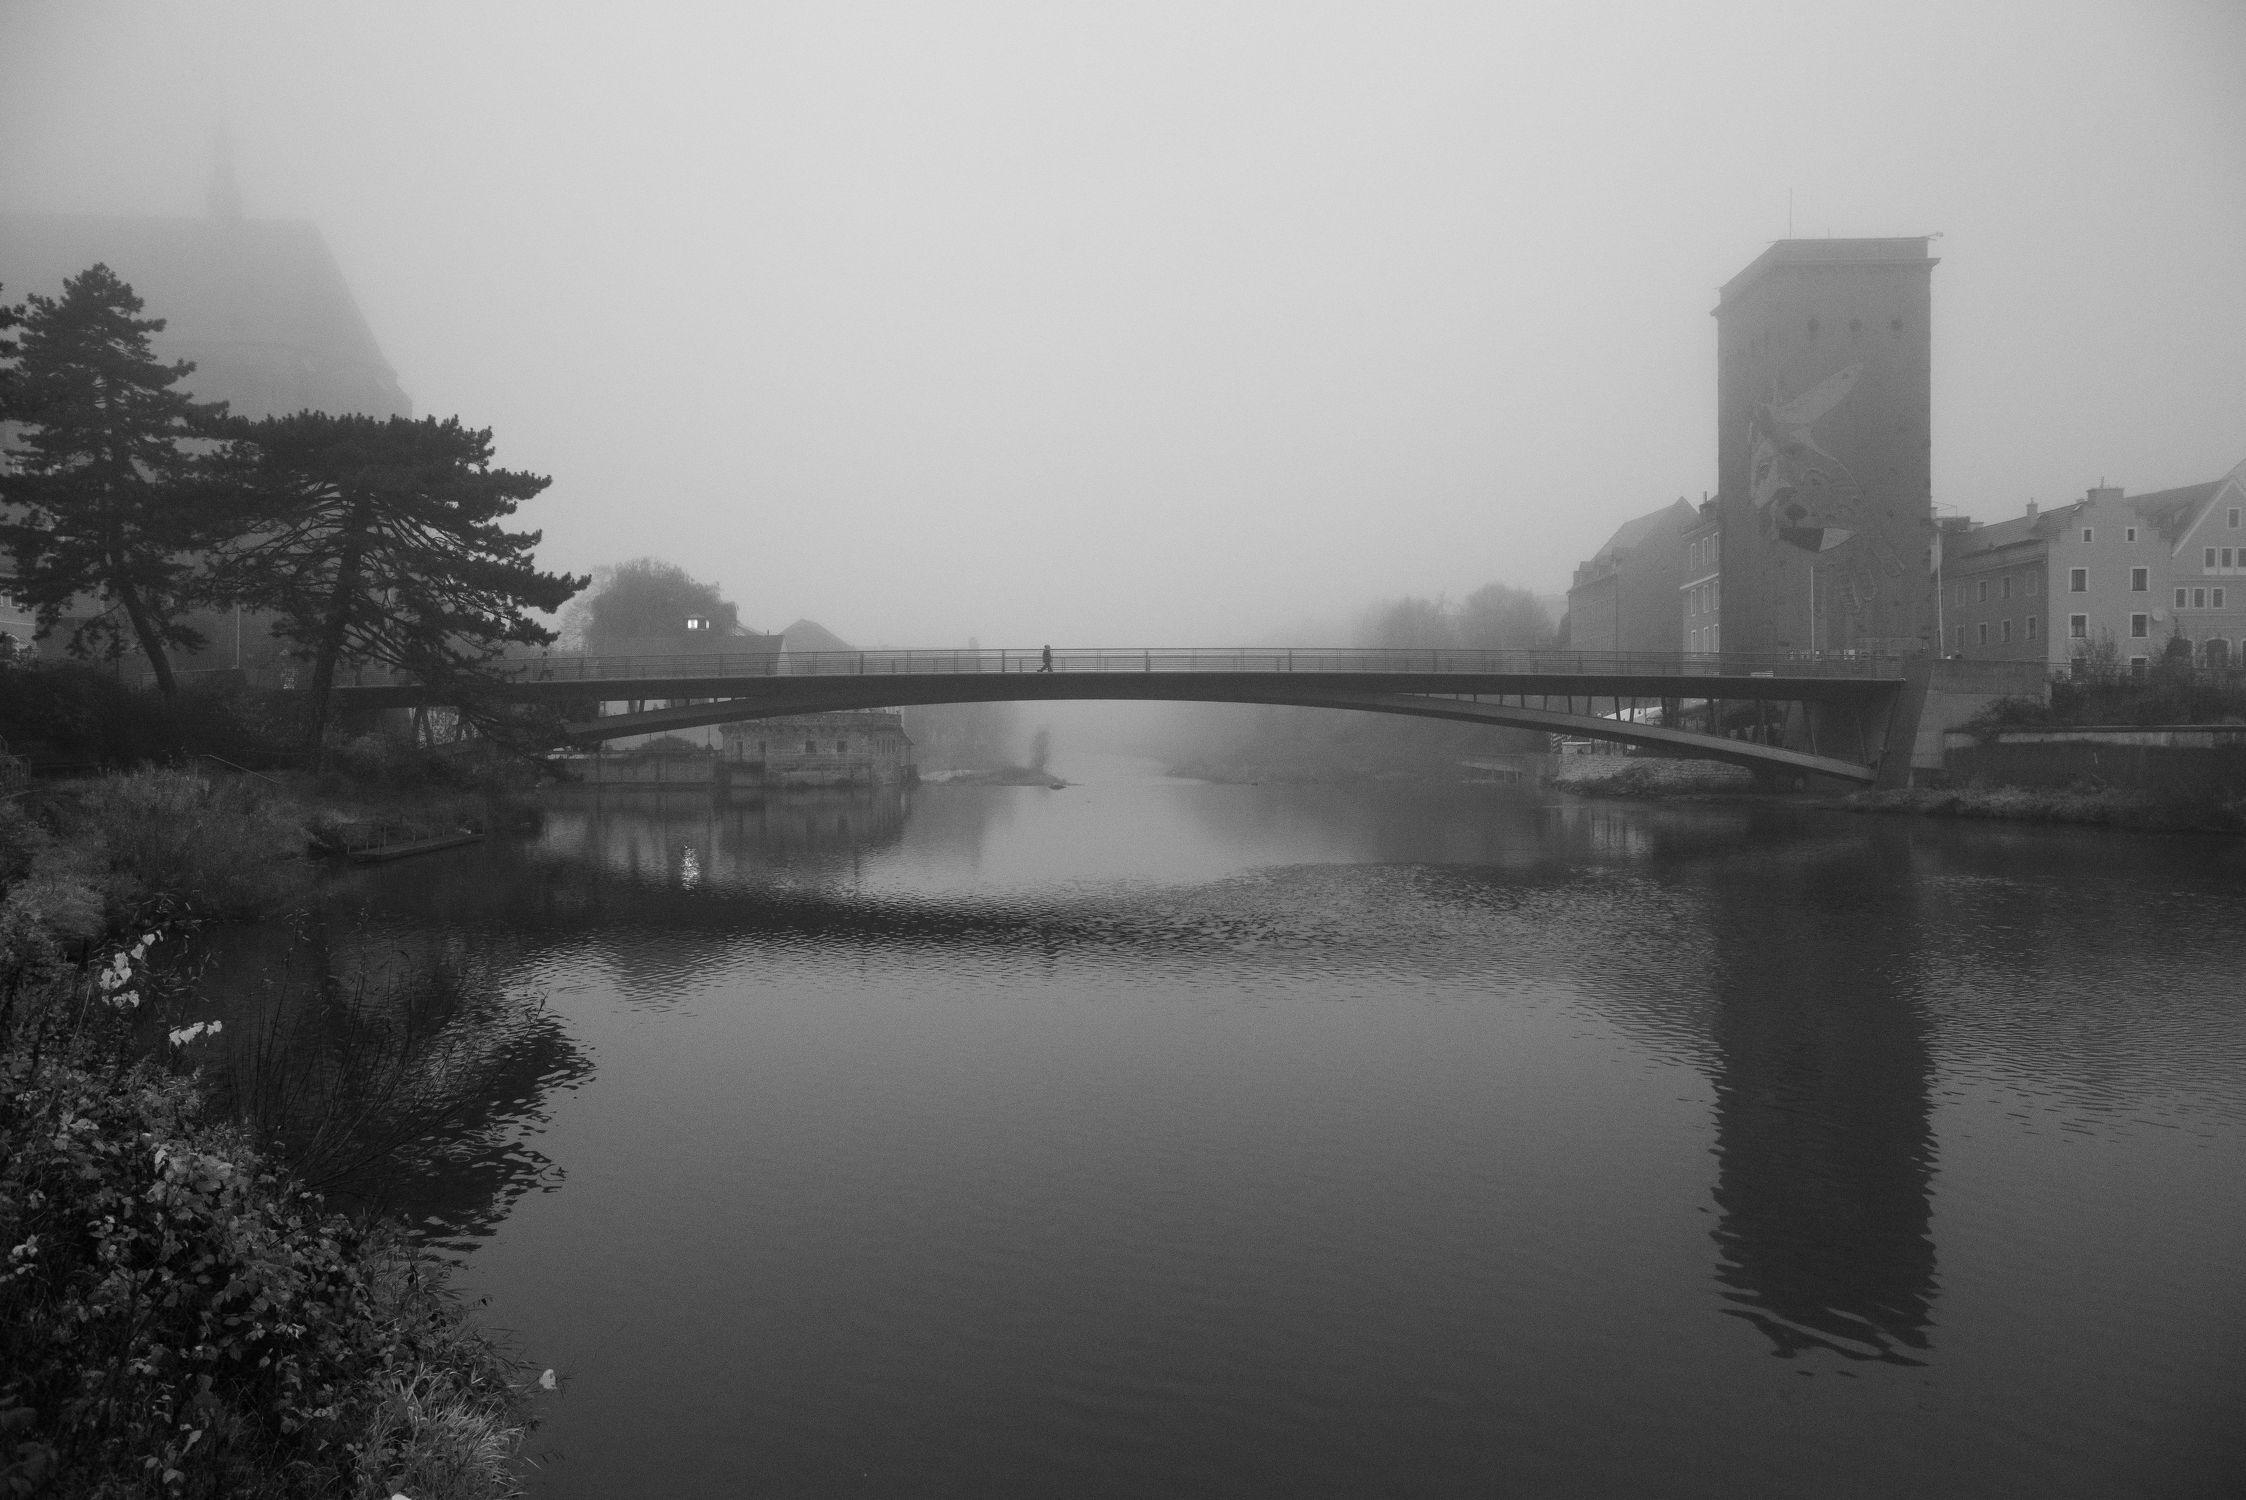 Bild mit Nebel, Görlitz, historische Altstadt, Altstadtbrücke, schwarz weiß, Wasserspiegelung, Görlitzer Altstadt